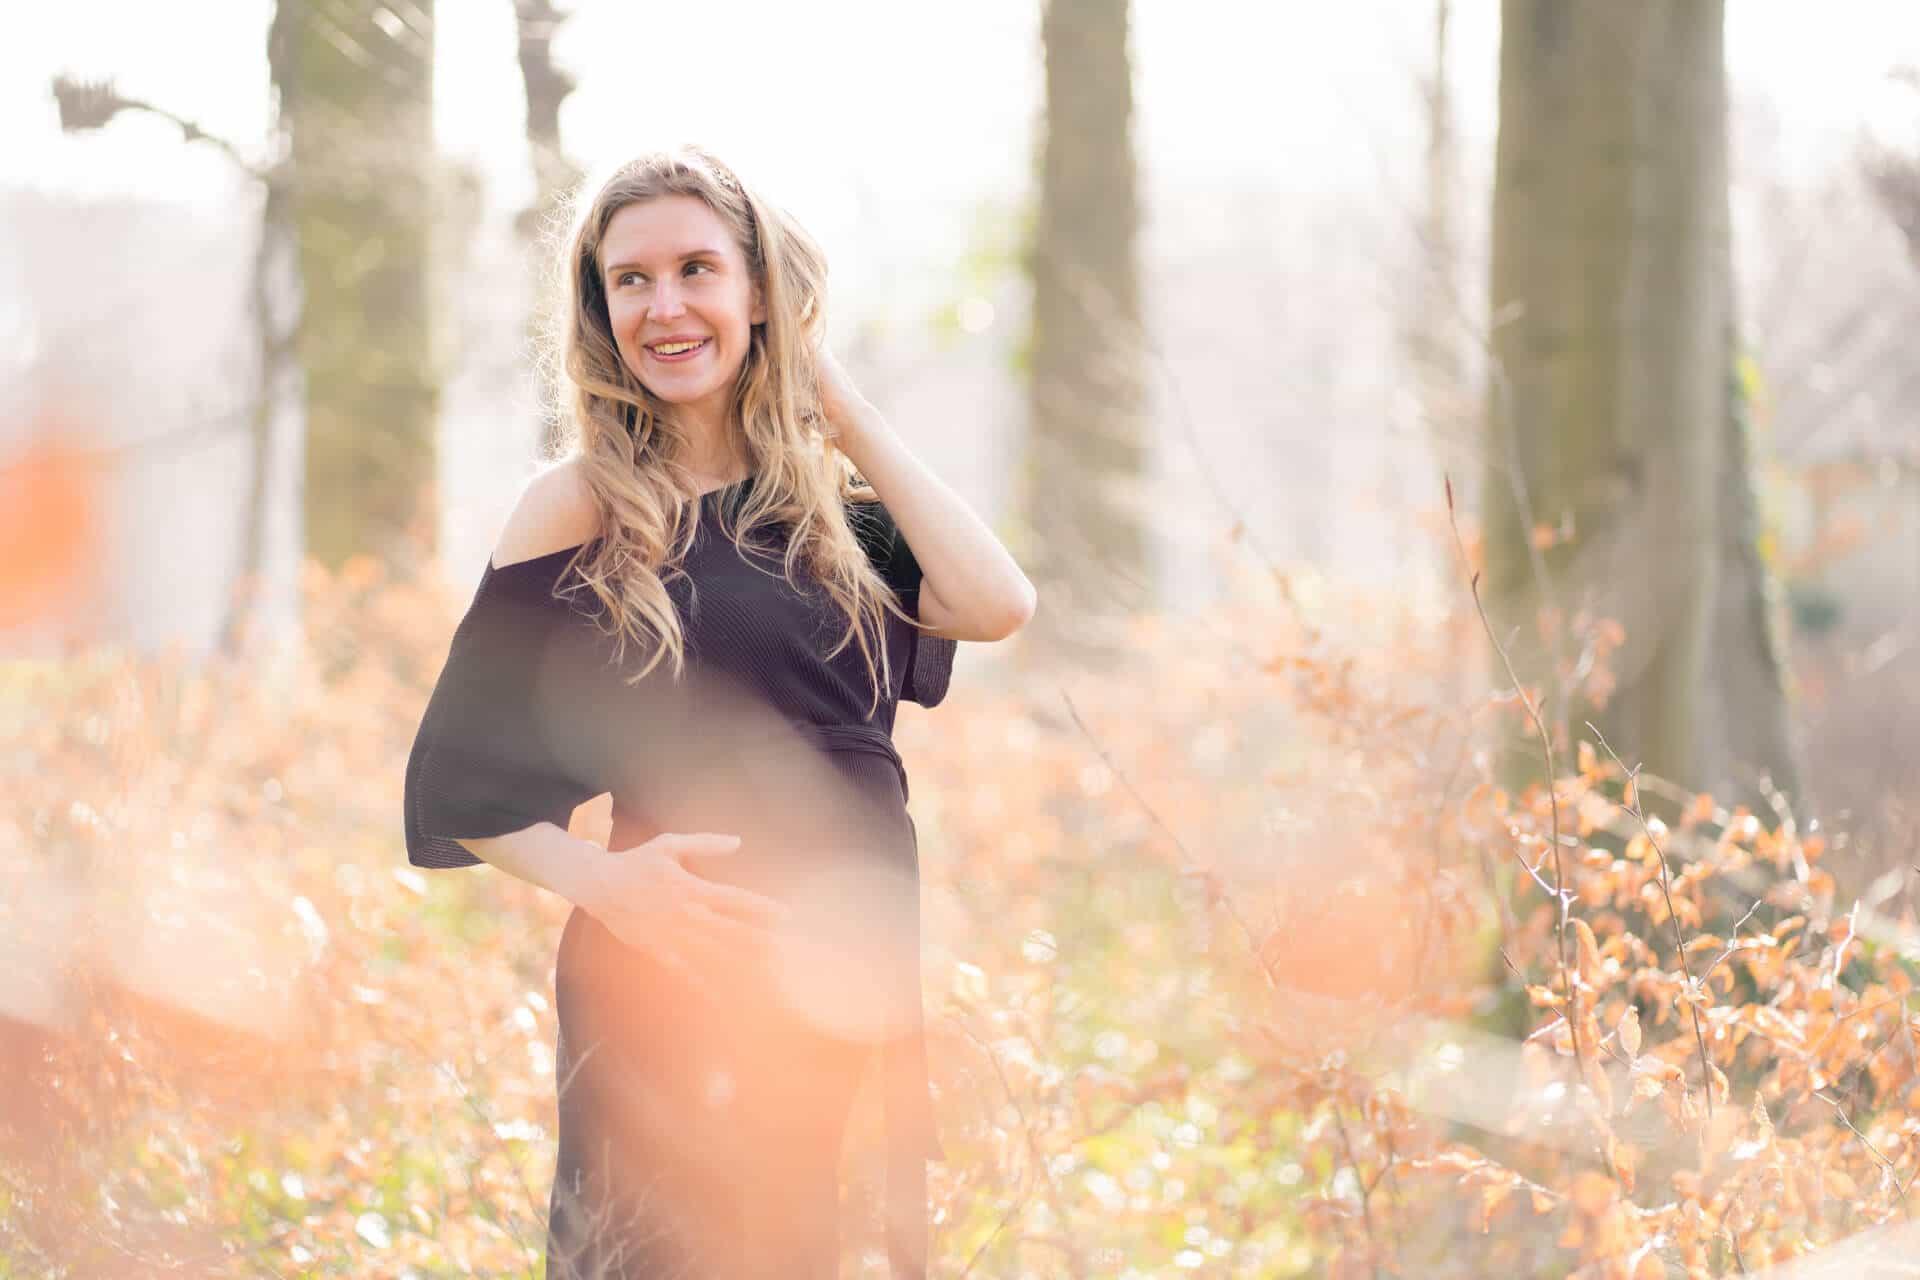 Zwangerschapsfotografie fotoshoot zwangerschap Overveen Landgoed Elswout Noord-Holland door zwangerschap fotograaf Grietje Mesman